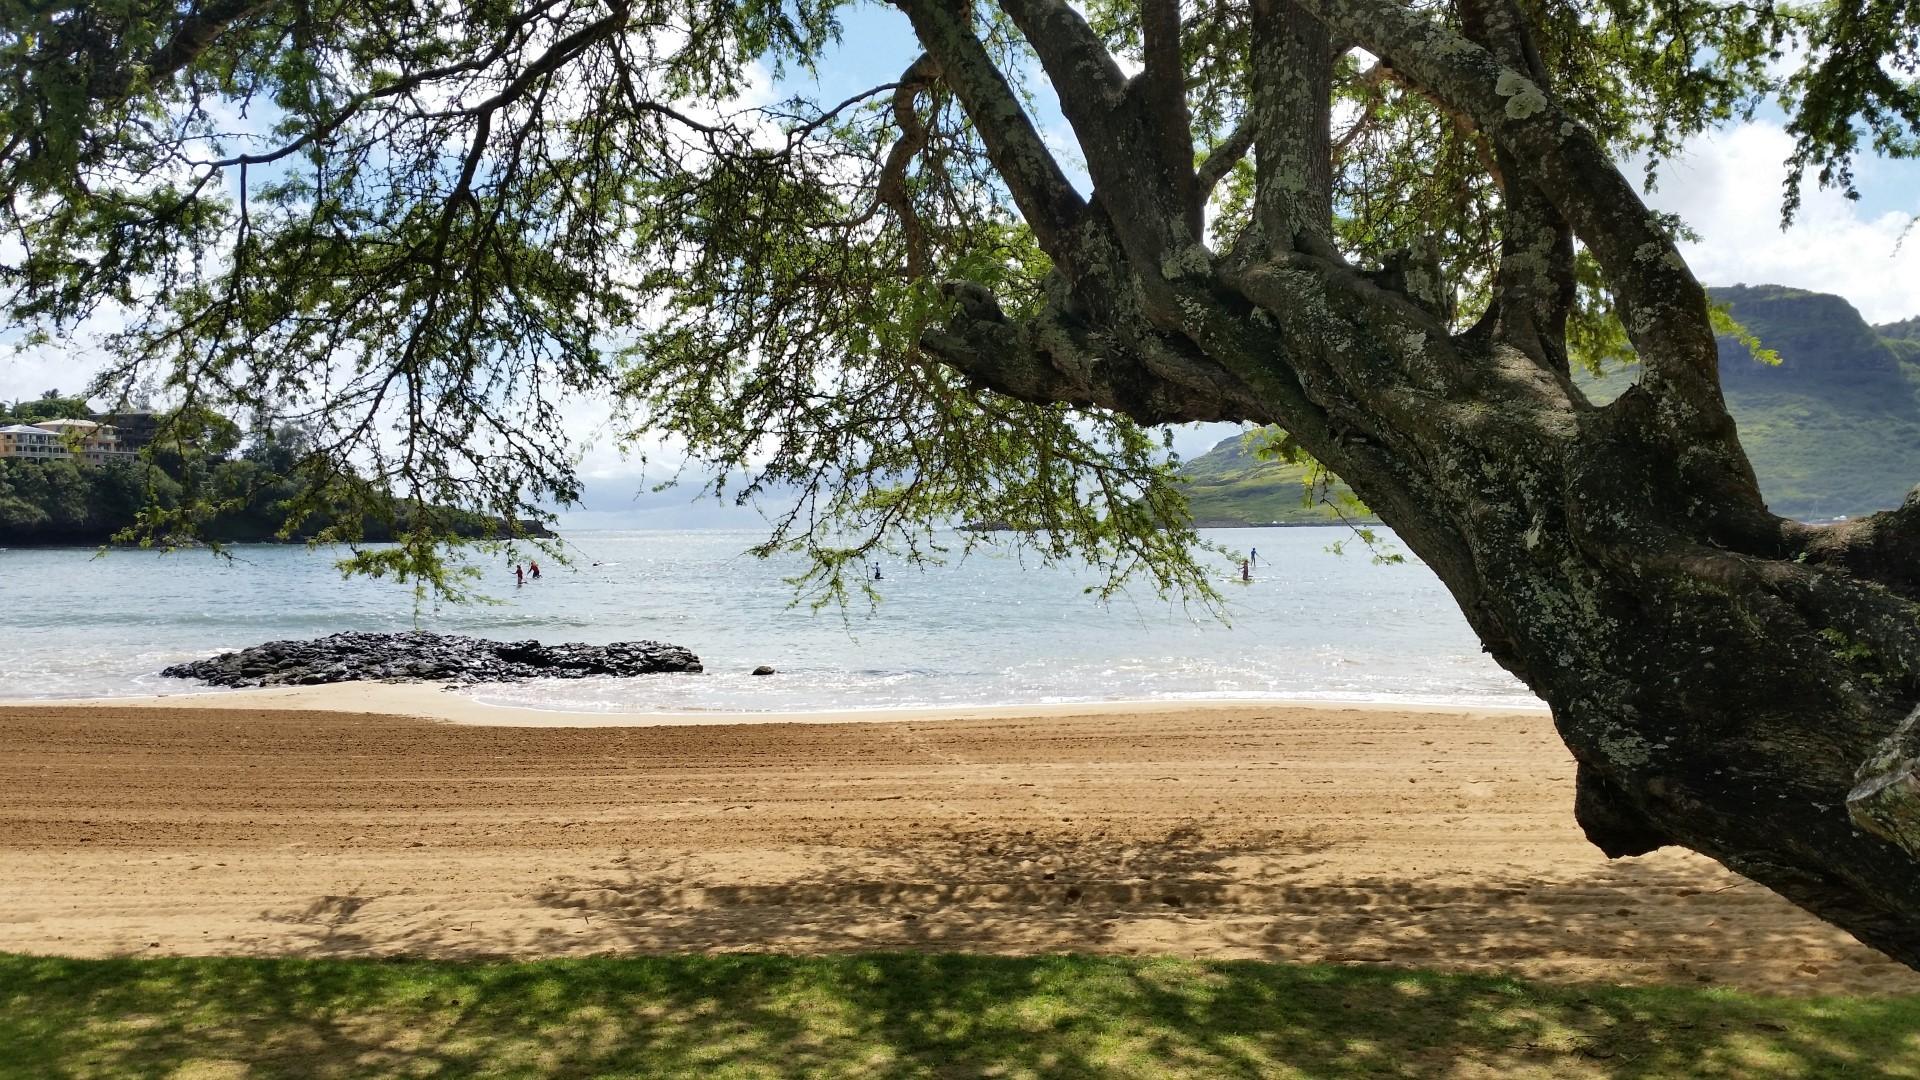 Hawaii Tag 26: Kalapaki Beach, Poipu Beach (2014-10-21)